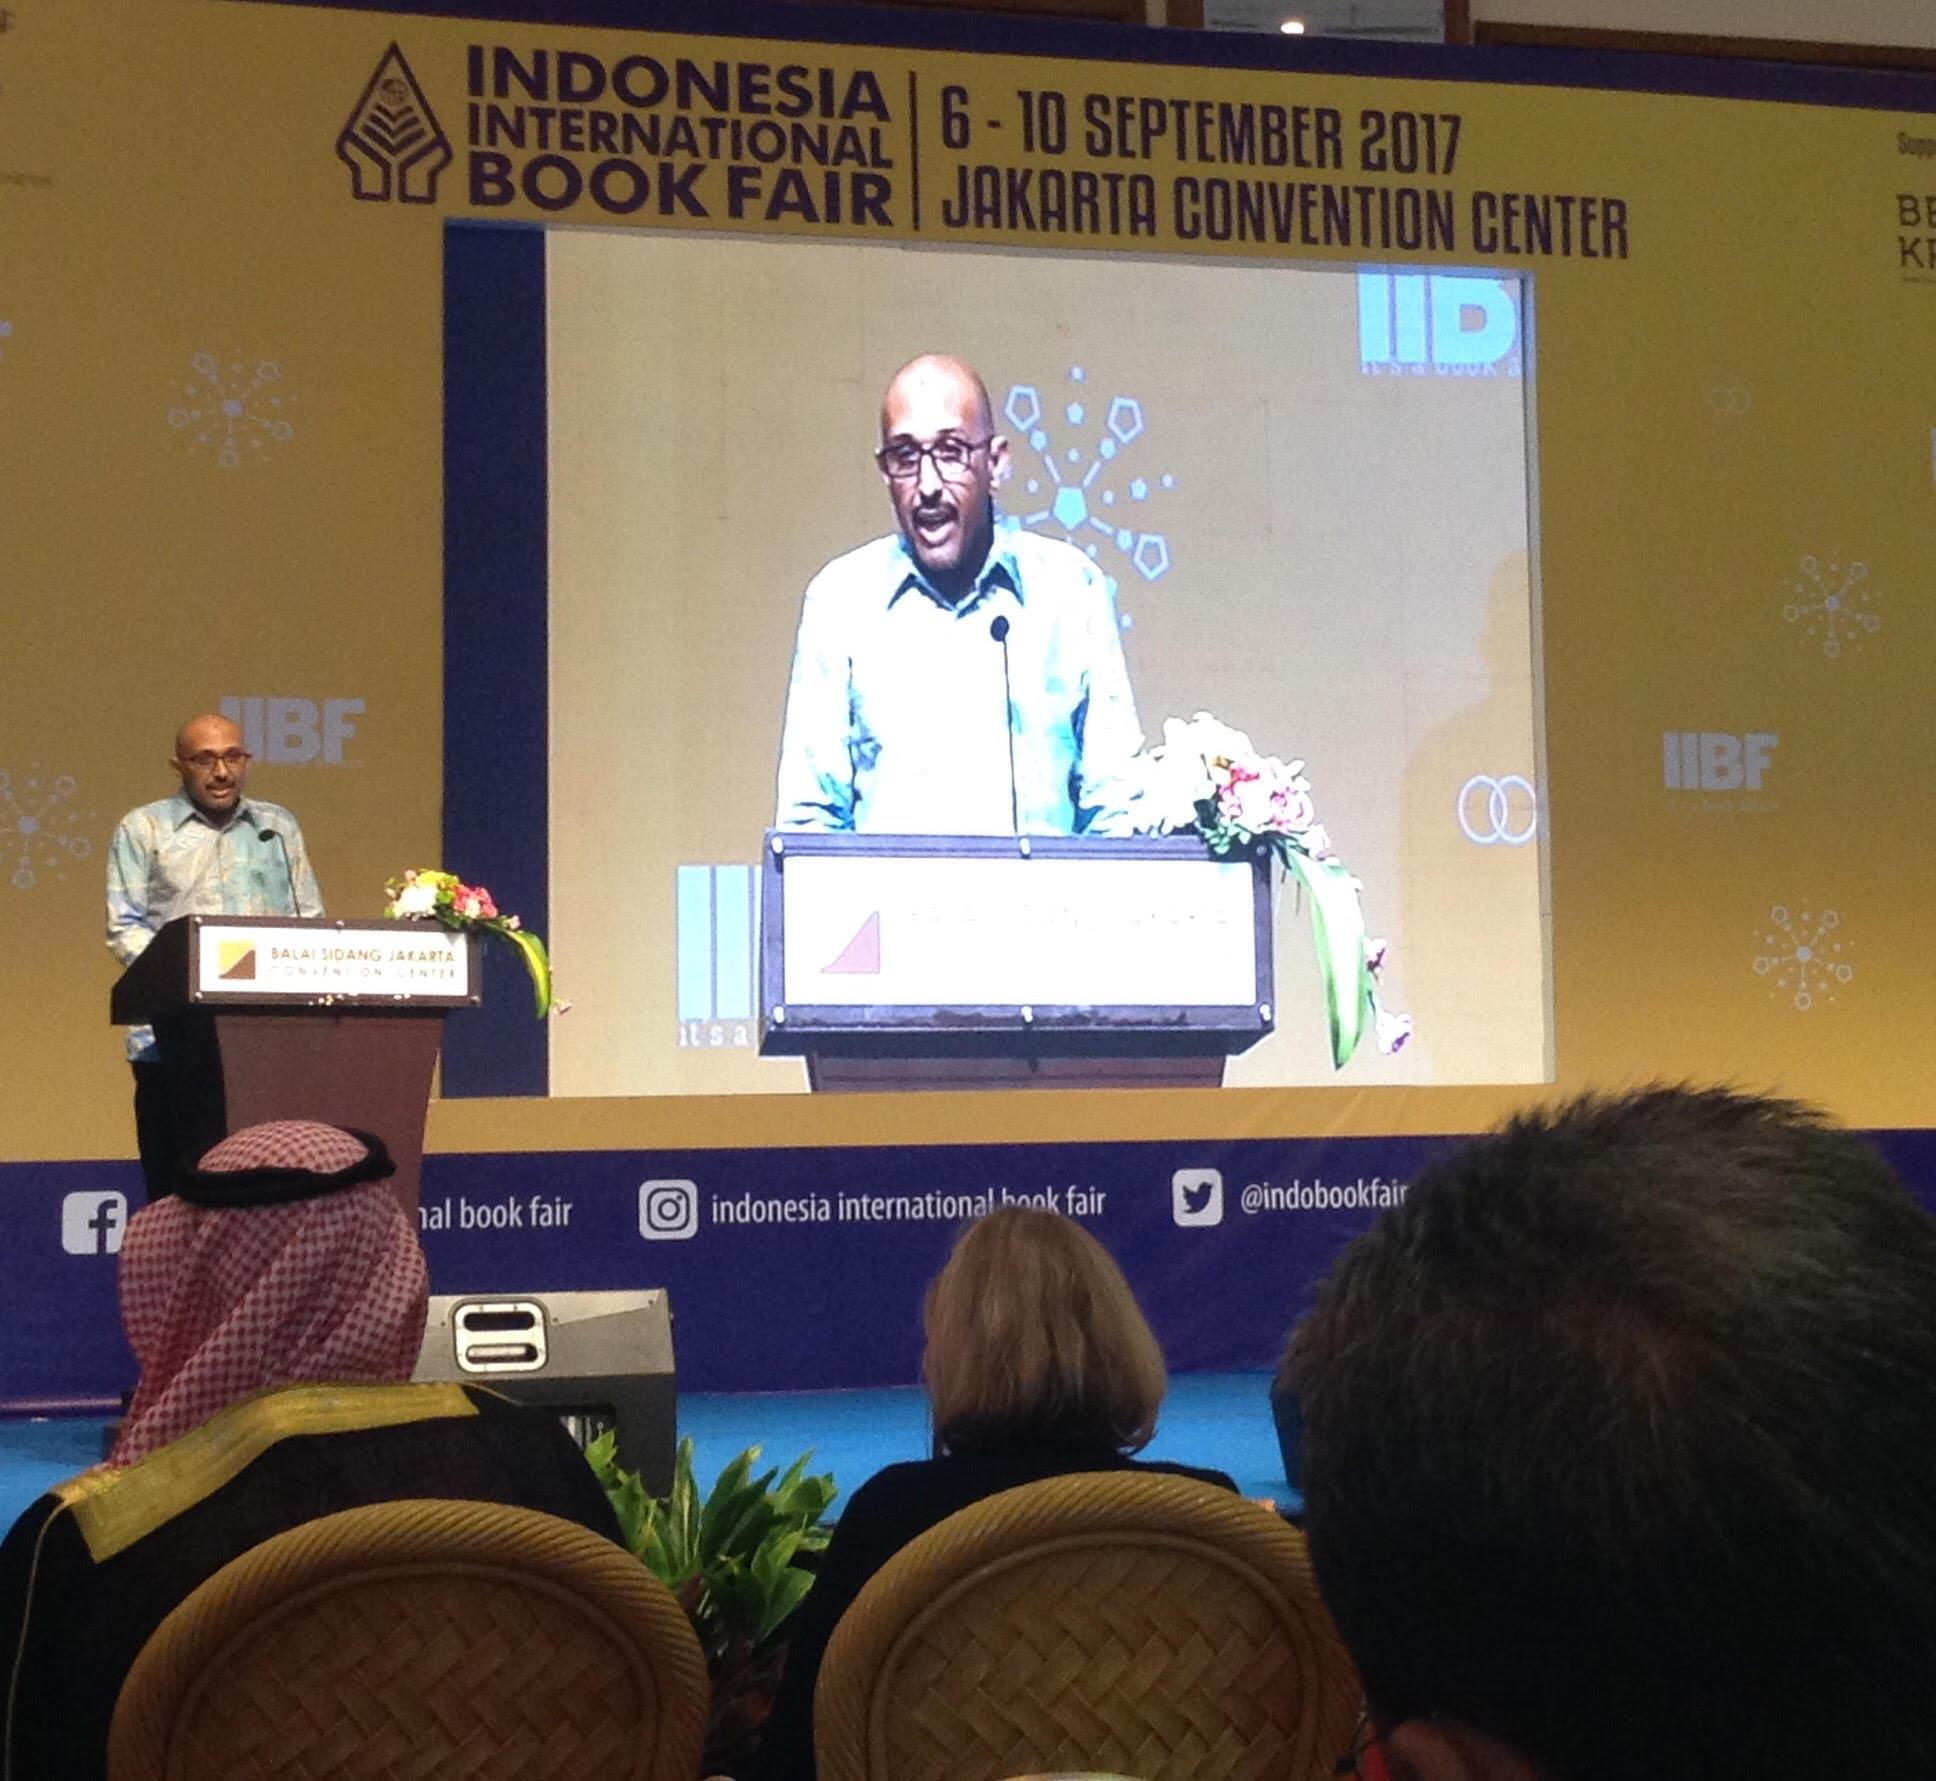 Peluang Indonesia Sebagai Produsen dan Konsumen Buku Utama di Dunia